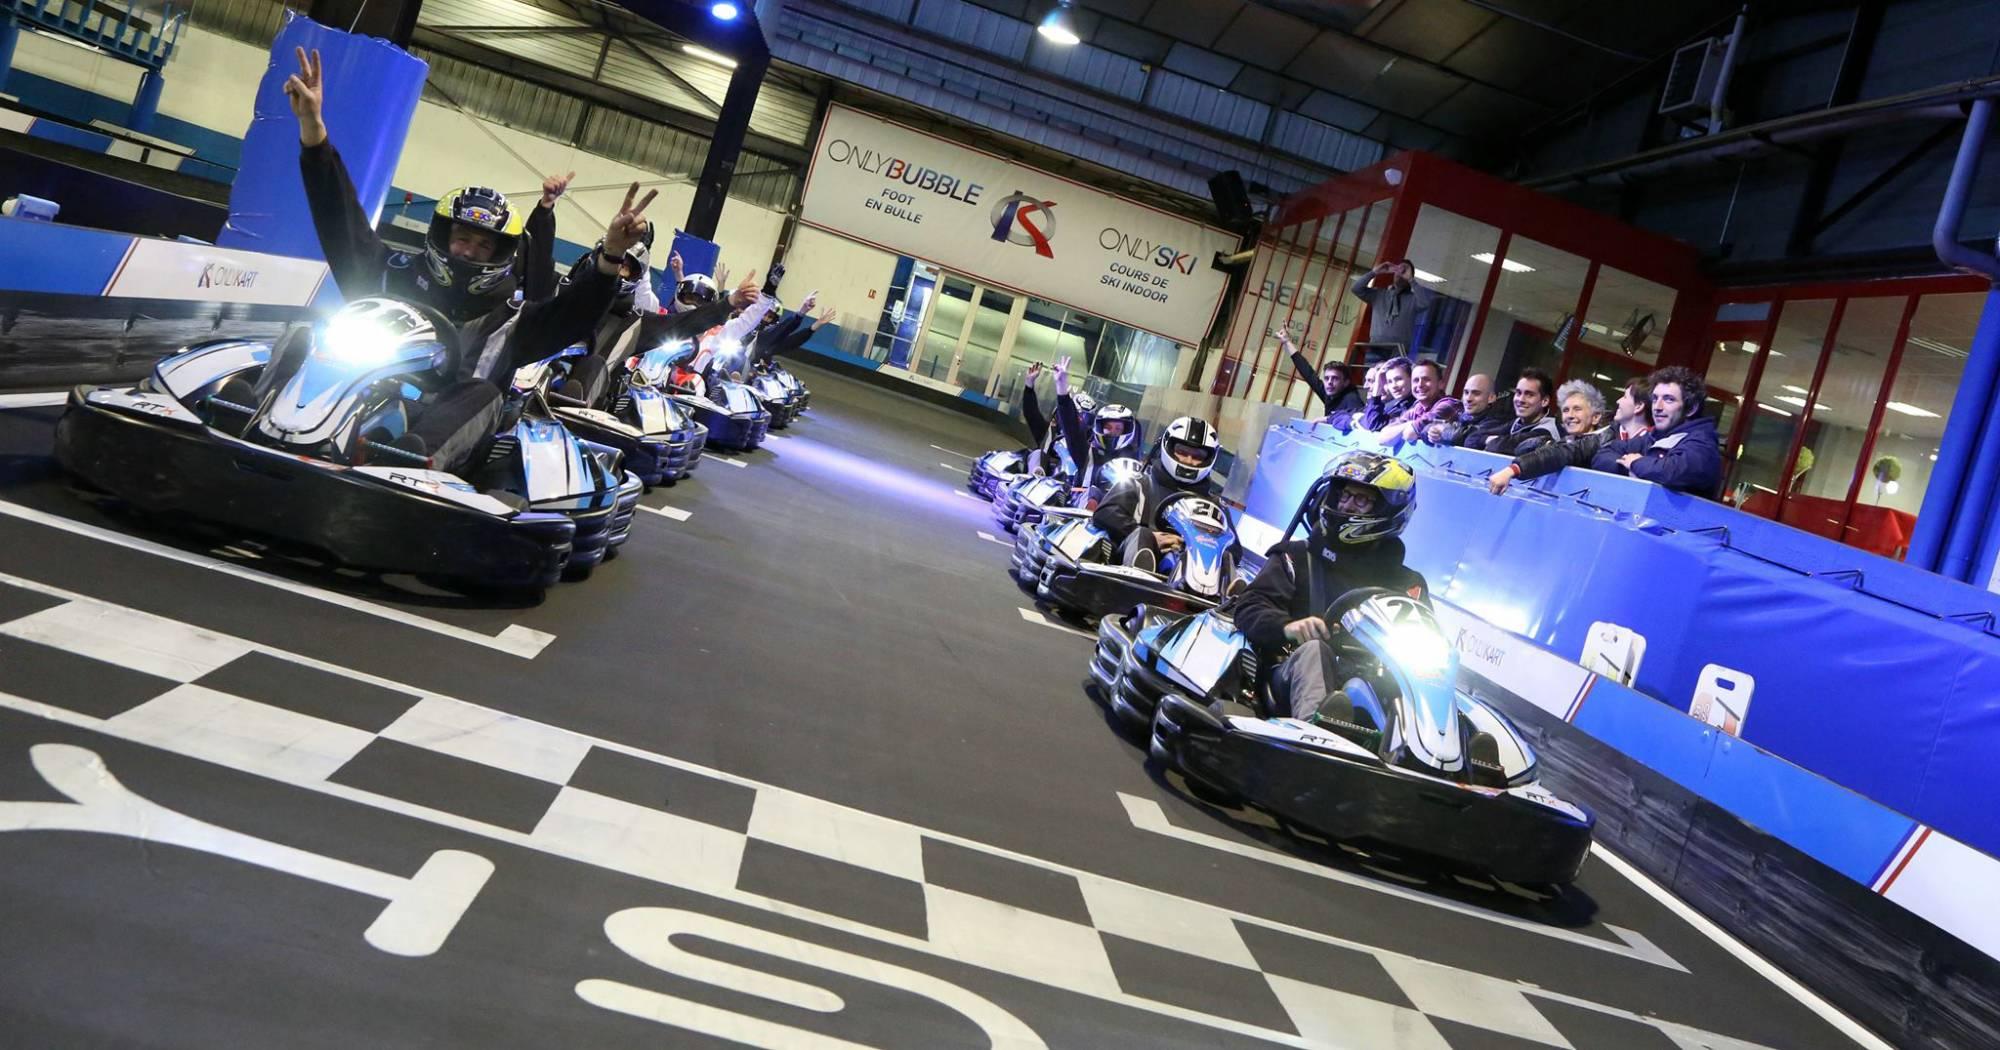 grand prix karting lyon